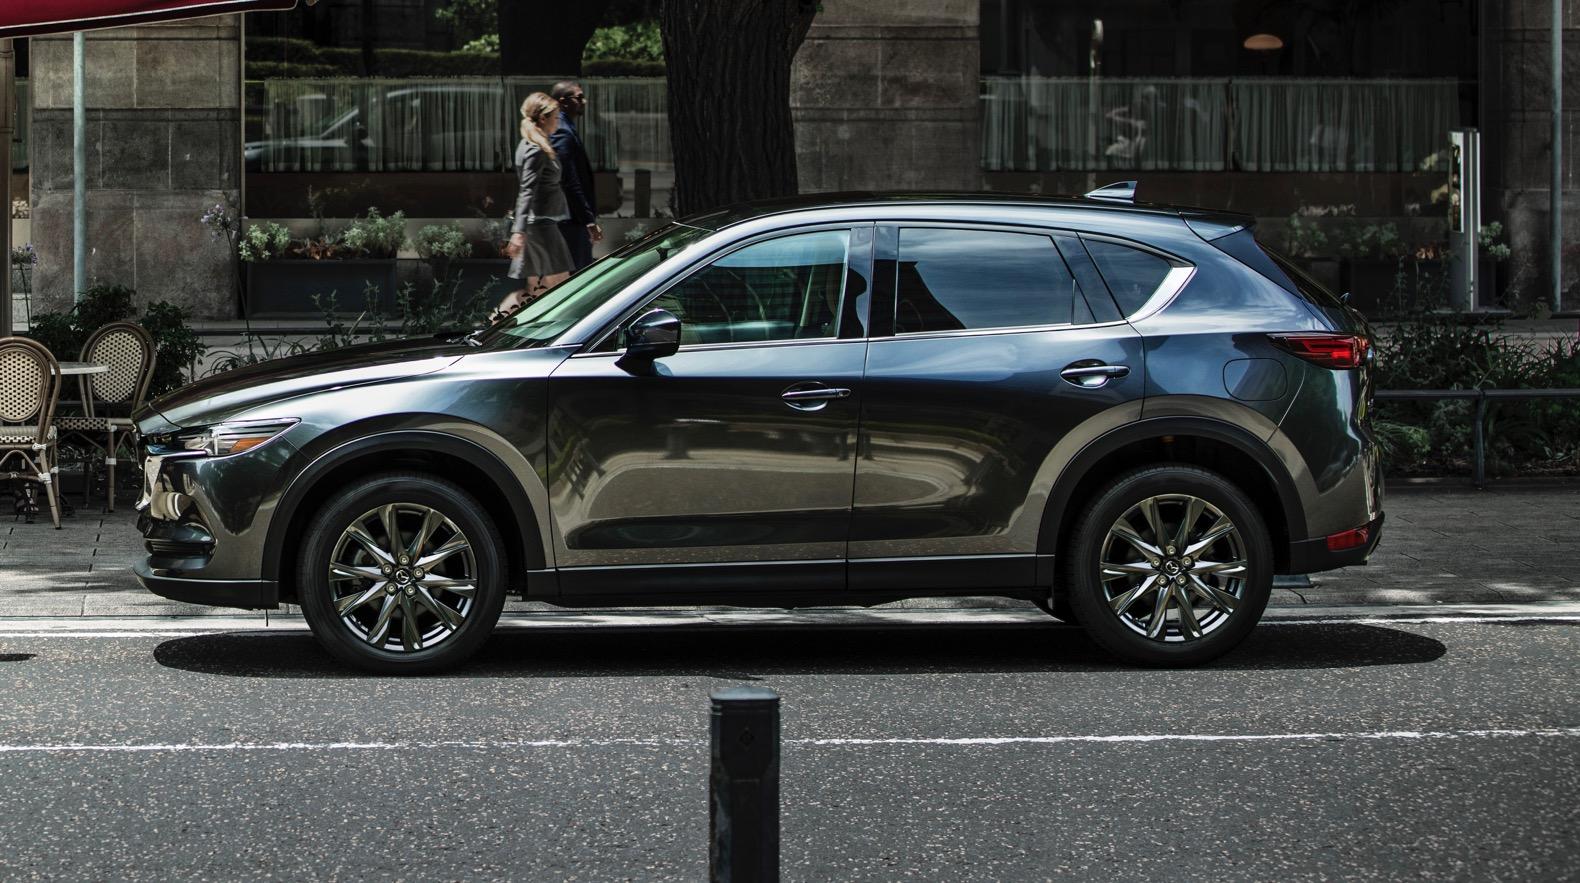 2019-Mazda-CX-5-Signature-02-EXT.jpg